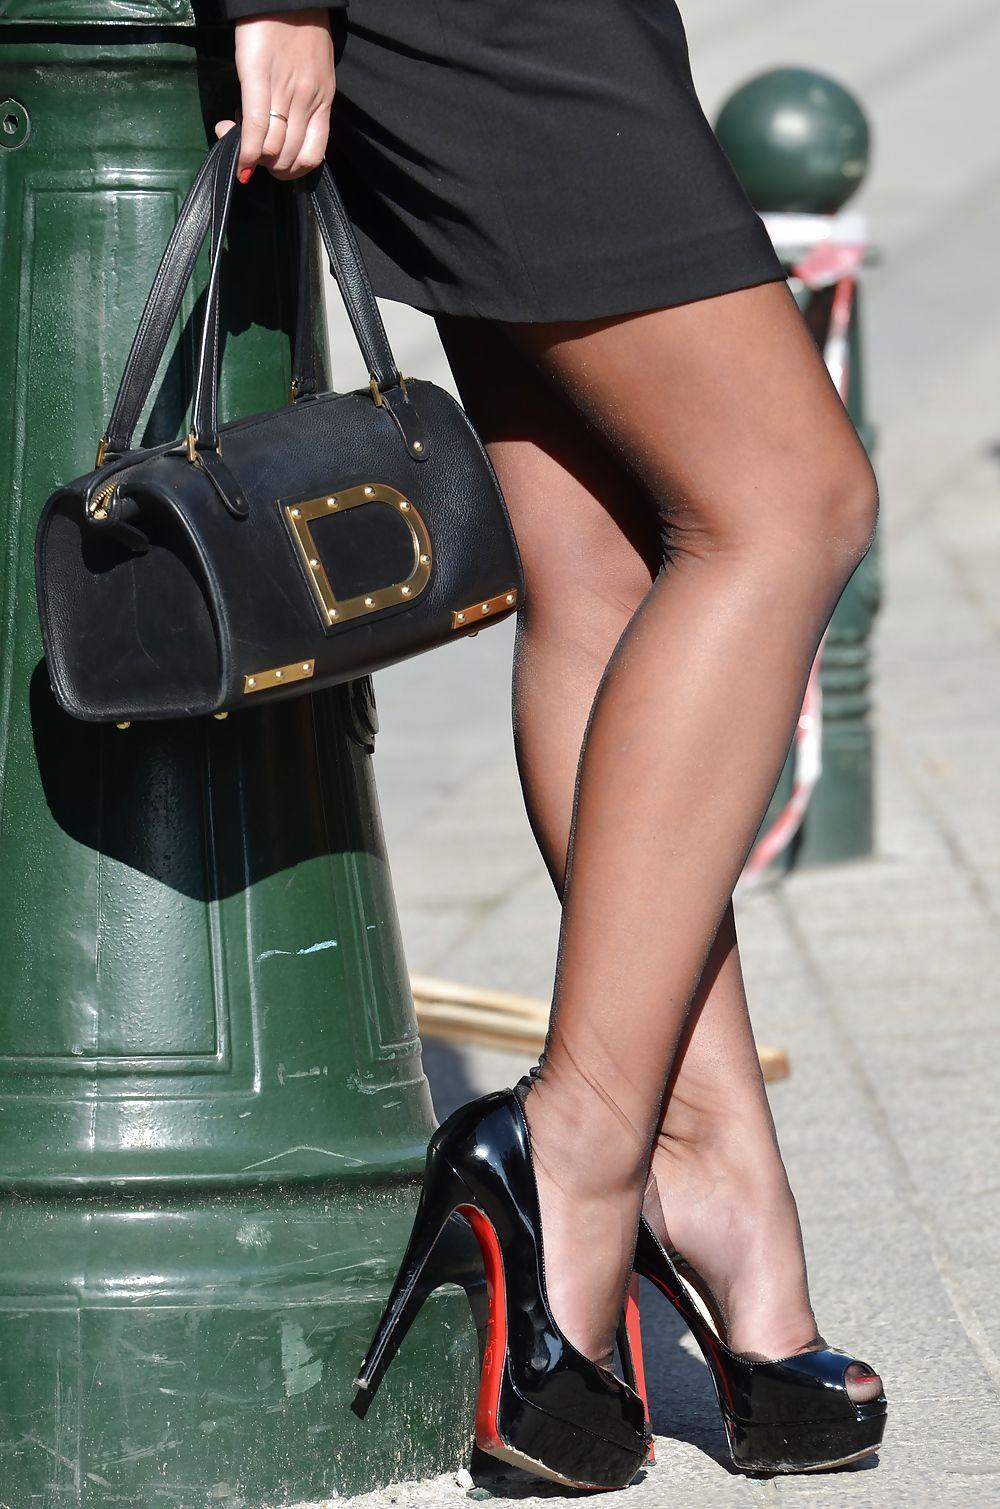 Sexy high heels porno